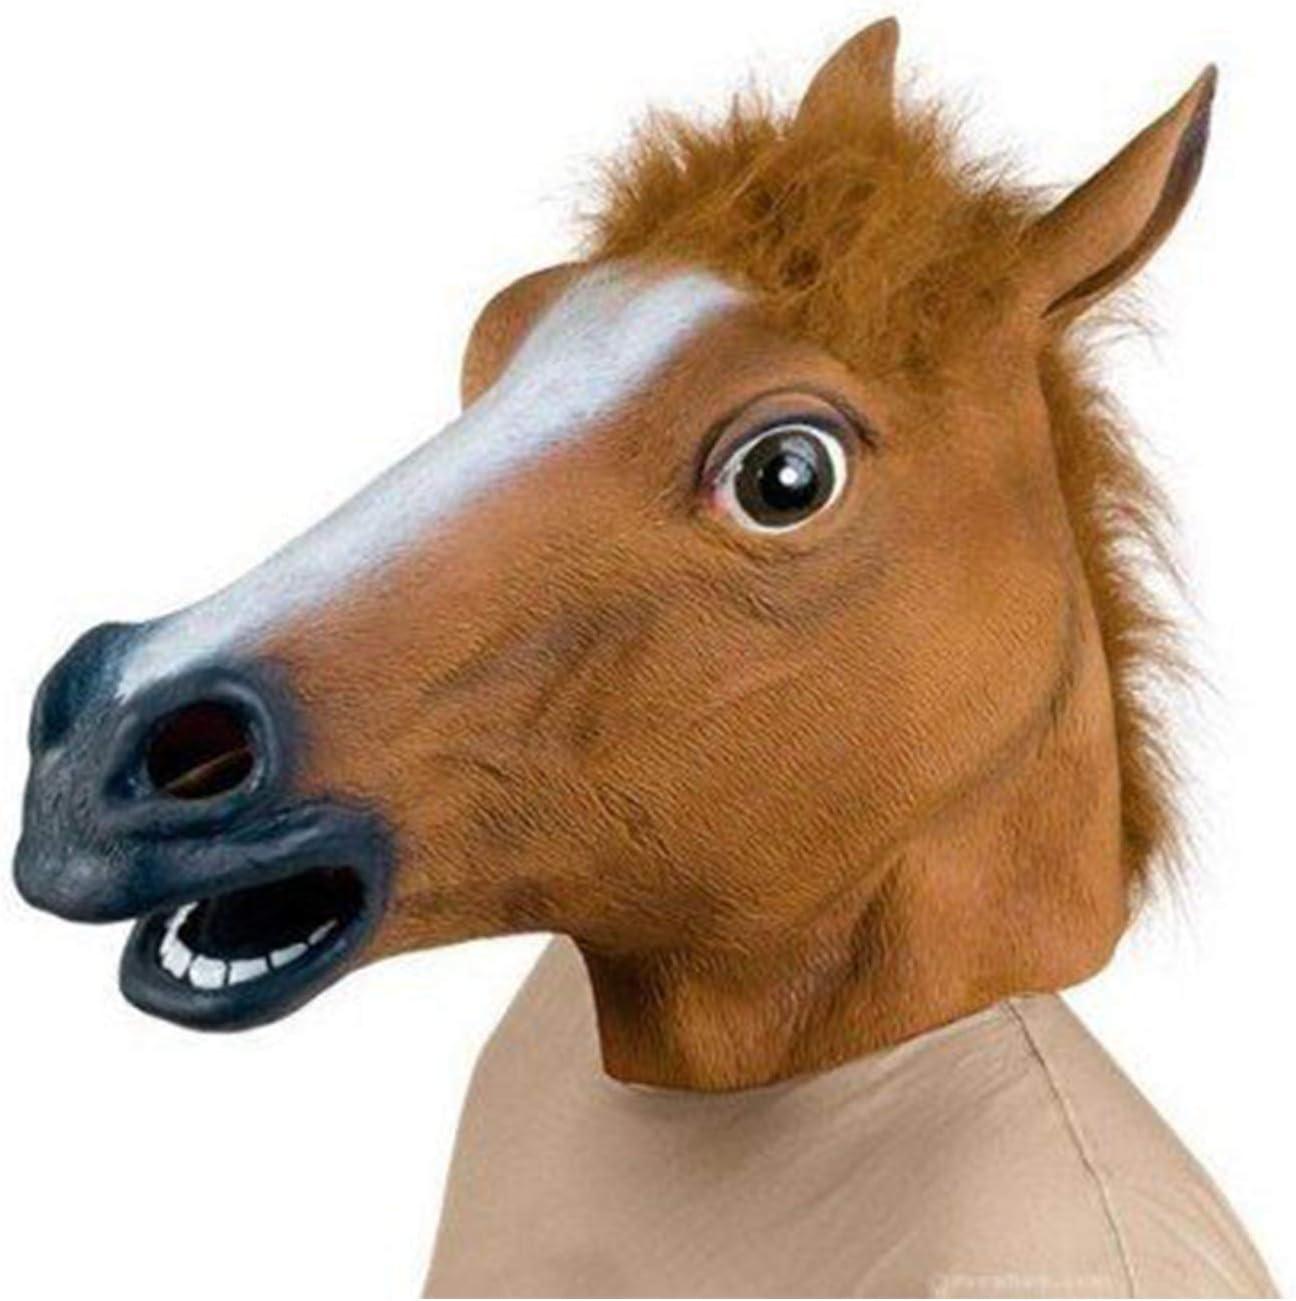 Lypumso Máscara Cabeza de Caballo de Látex de Gaucho Halloween Carnaval Traje Máscara Navidad Fiesta Decoraciones Adulto Accesorio Del Traje (Marrón)